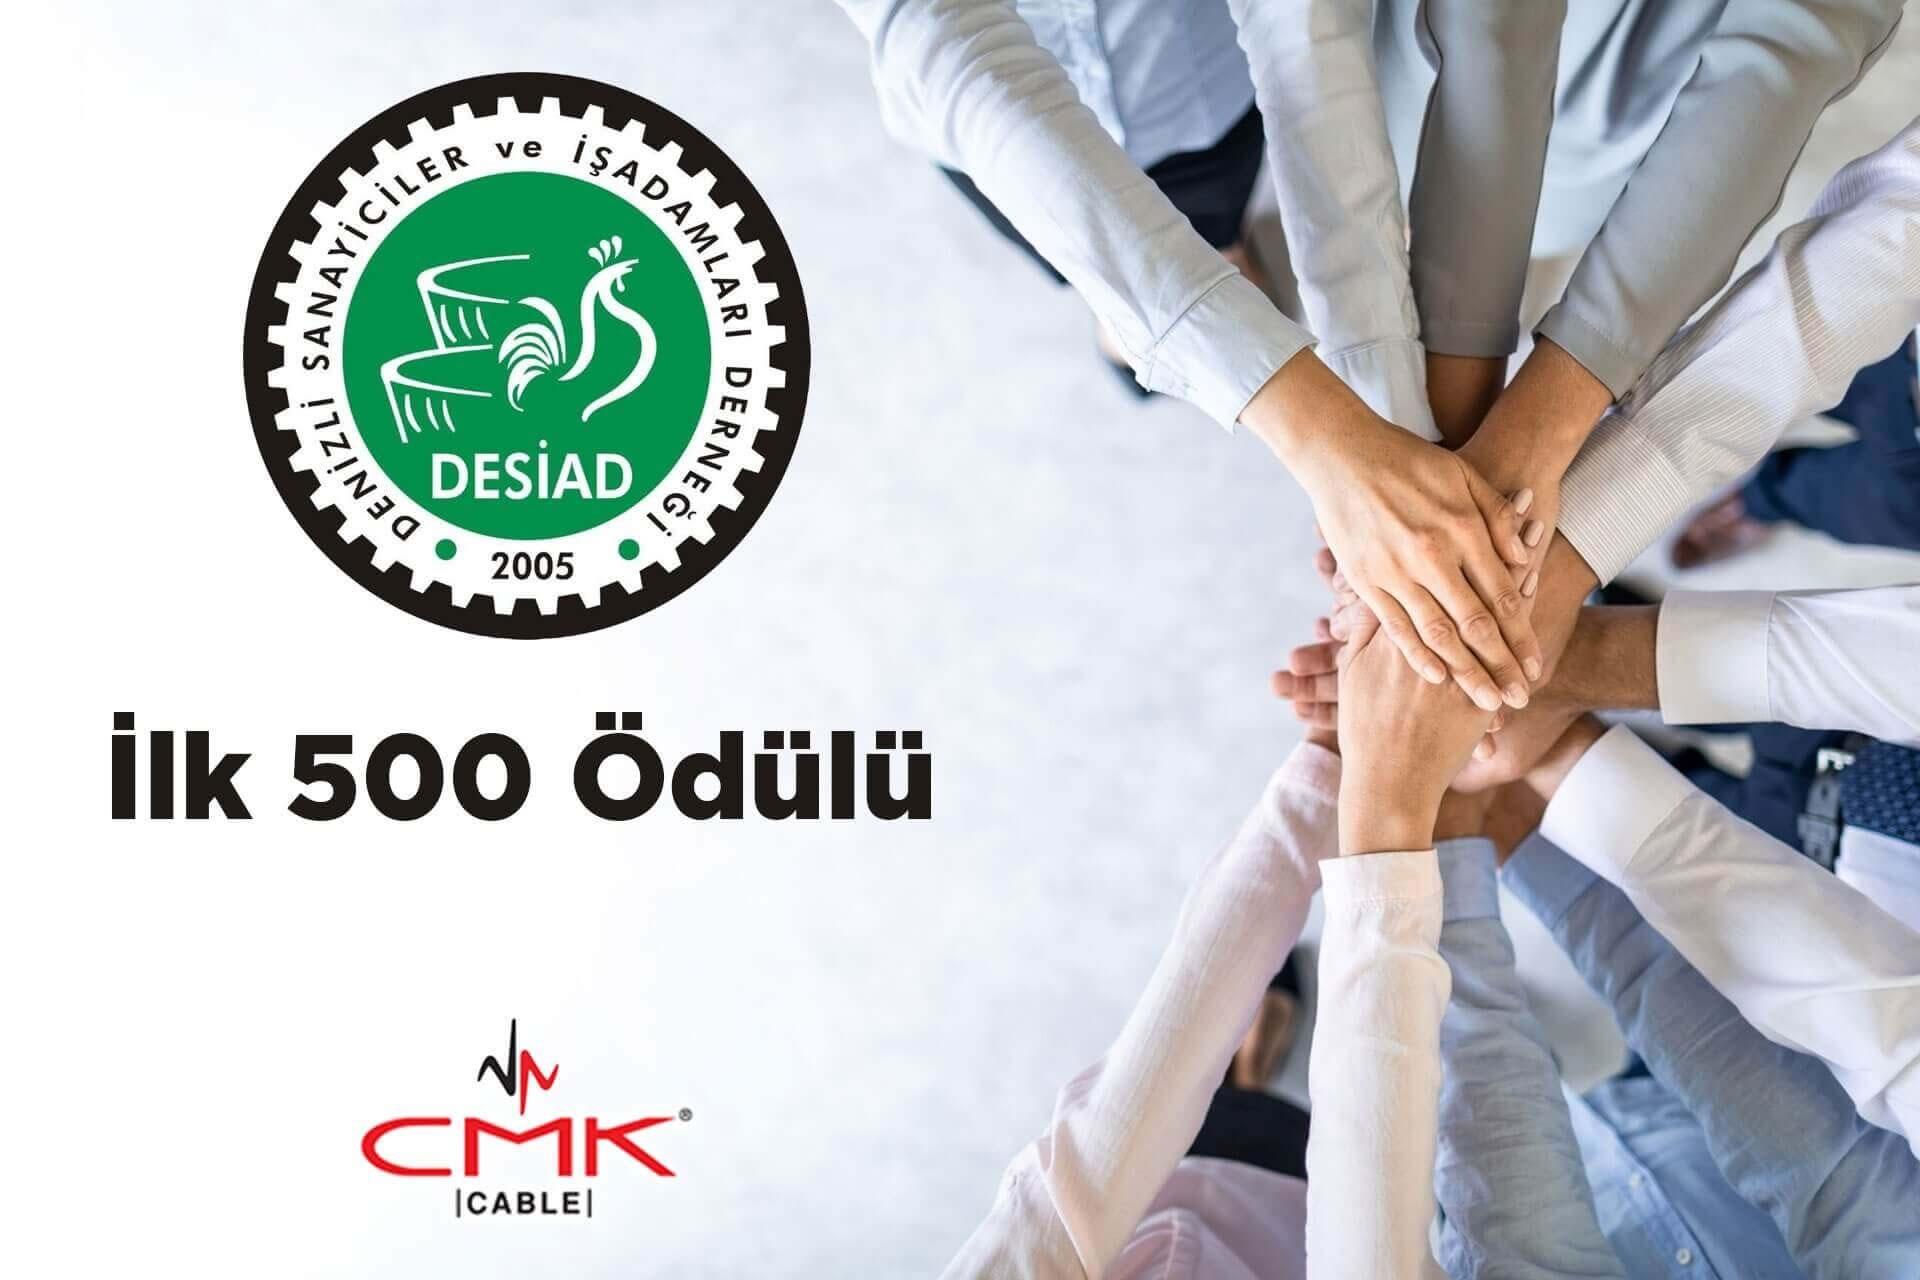 DESİAD'DAN İLK 500 ÖDÜLÜ